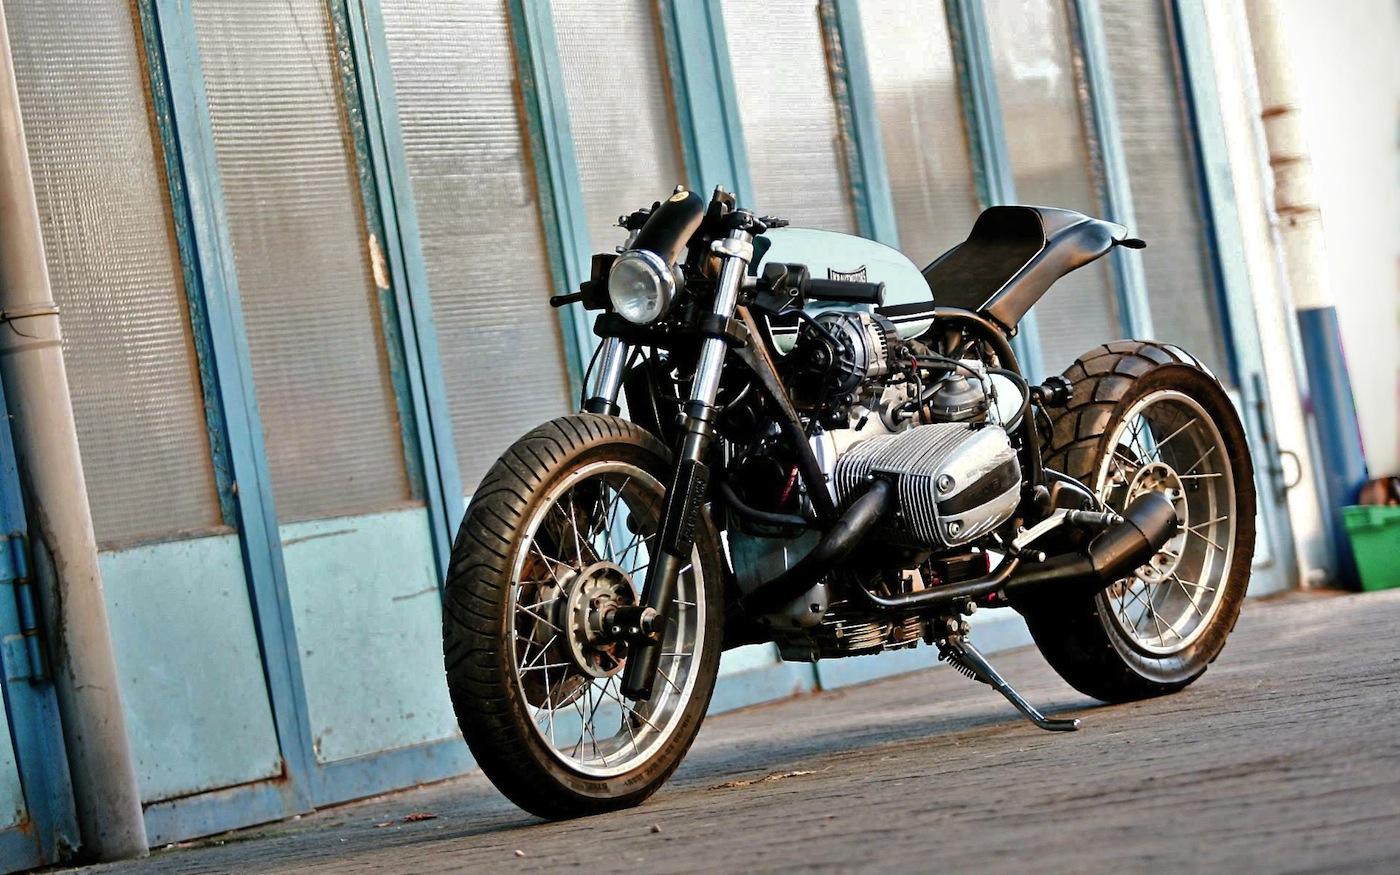 Bmw R 1100 Cafe Racer Idea Di Immagine Del Motociclo